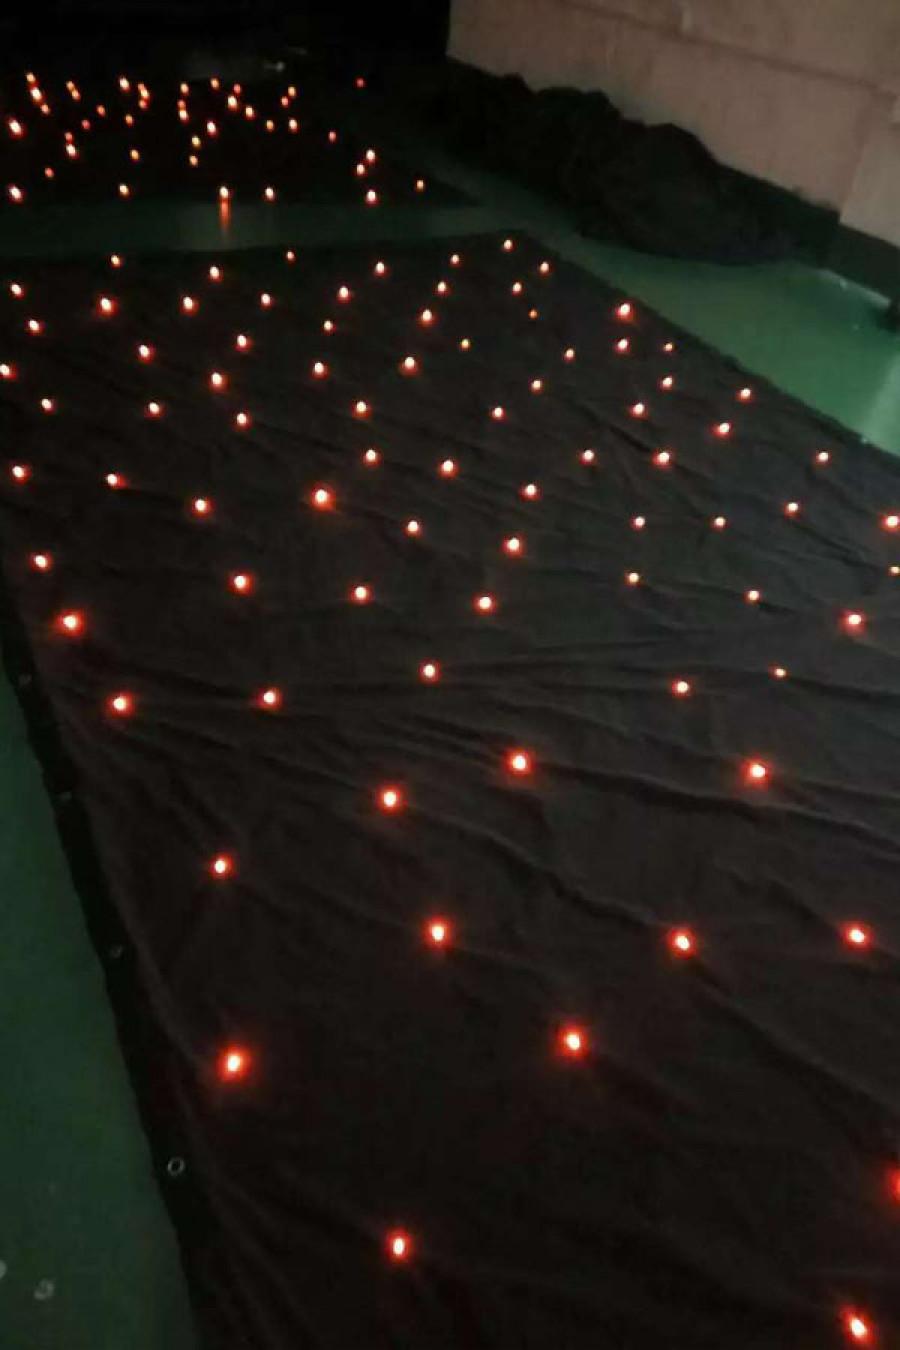 2*3M LED Tri Star Curtain,sparkliteled drape